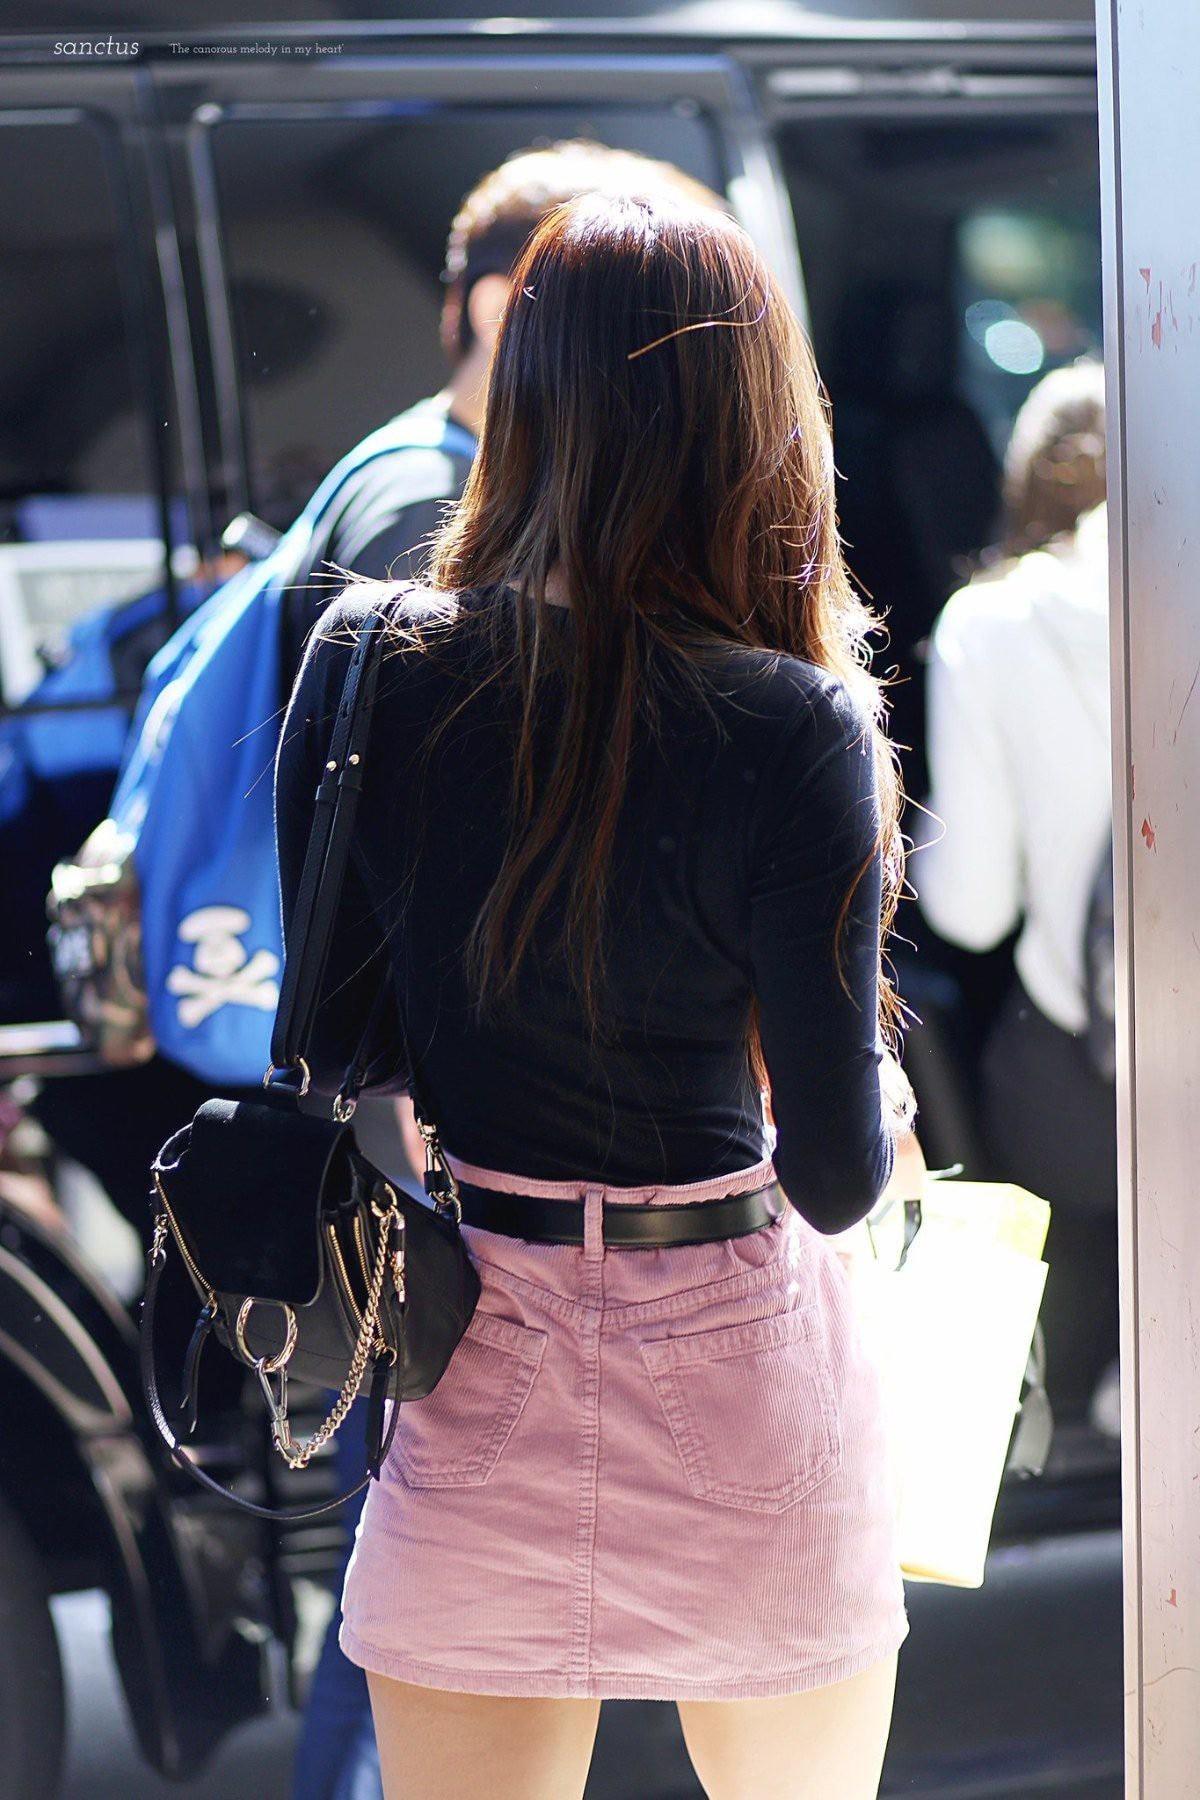 Đâu cần lồng lộn, Rosé (BLACKPINK) mặc đồ trắng đen thôi mà làm sáng bừng cả sân bay, lấn át cả các thành viên - Ảnh 6.